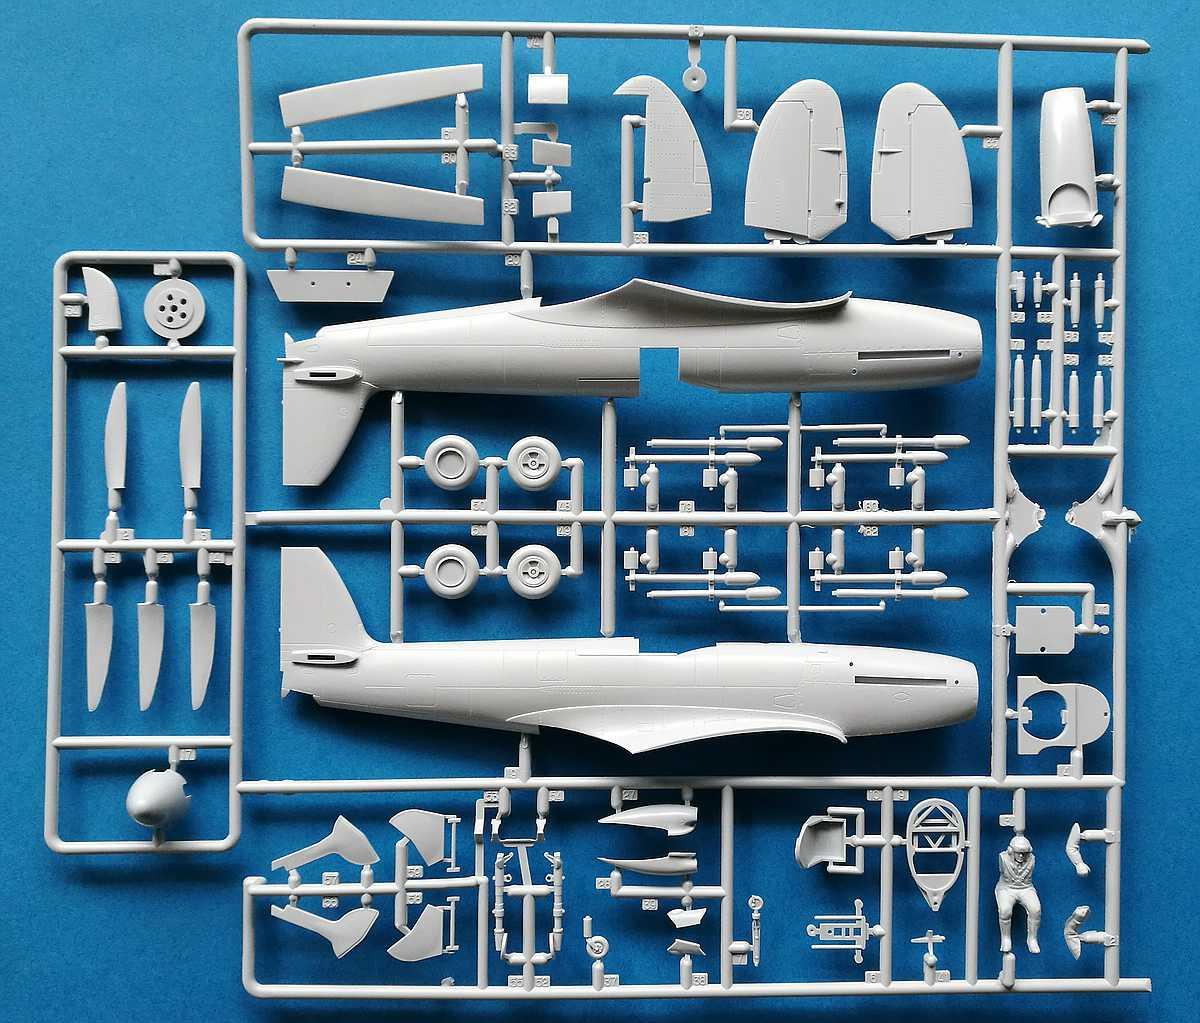 Airfix-A06101A-Spitfire-F.-Mk.-22-und-24-19 Spitfire F. Mk. 22/24 in 1.48 von Airfix A06101A